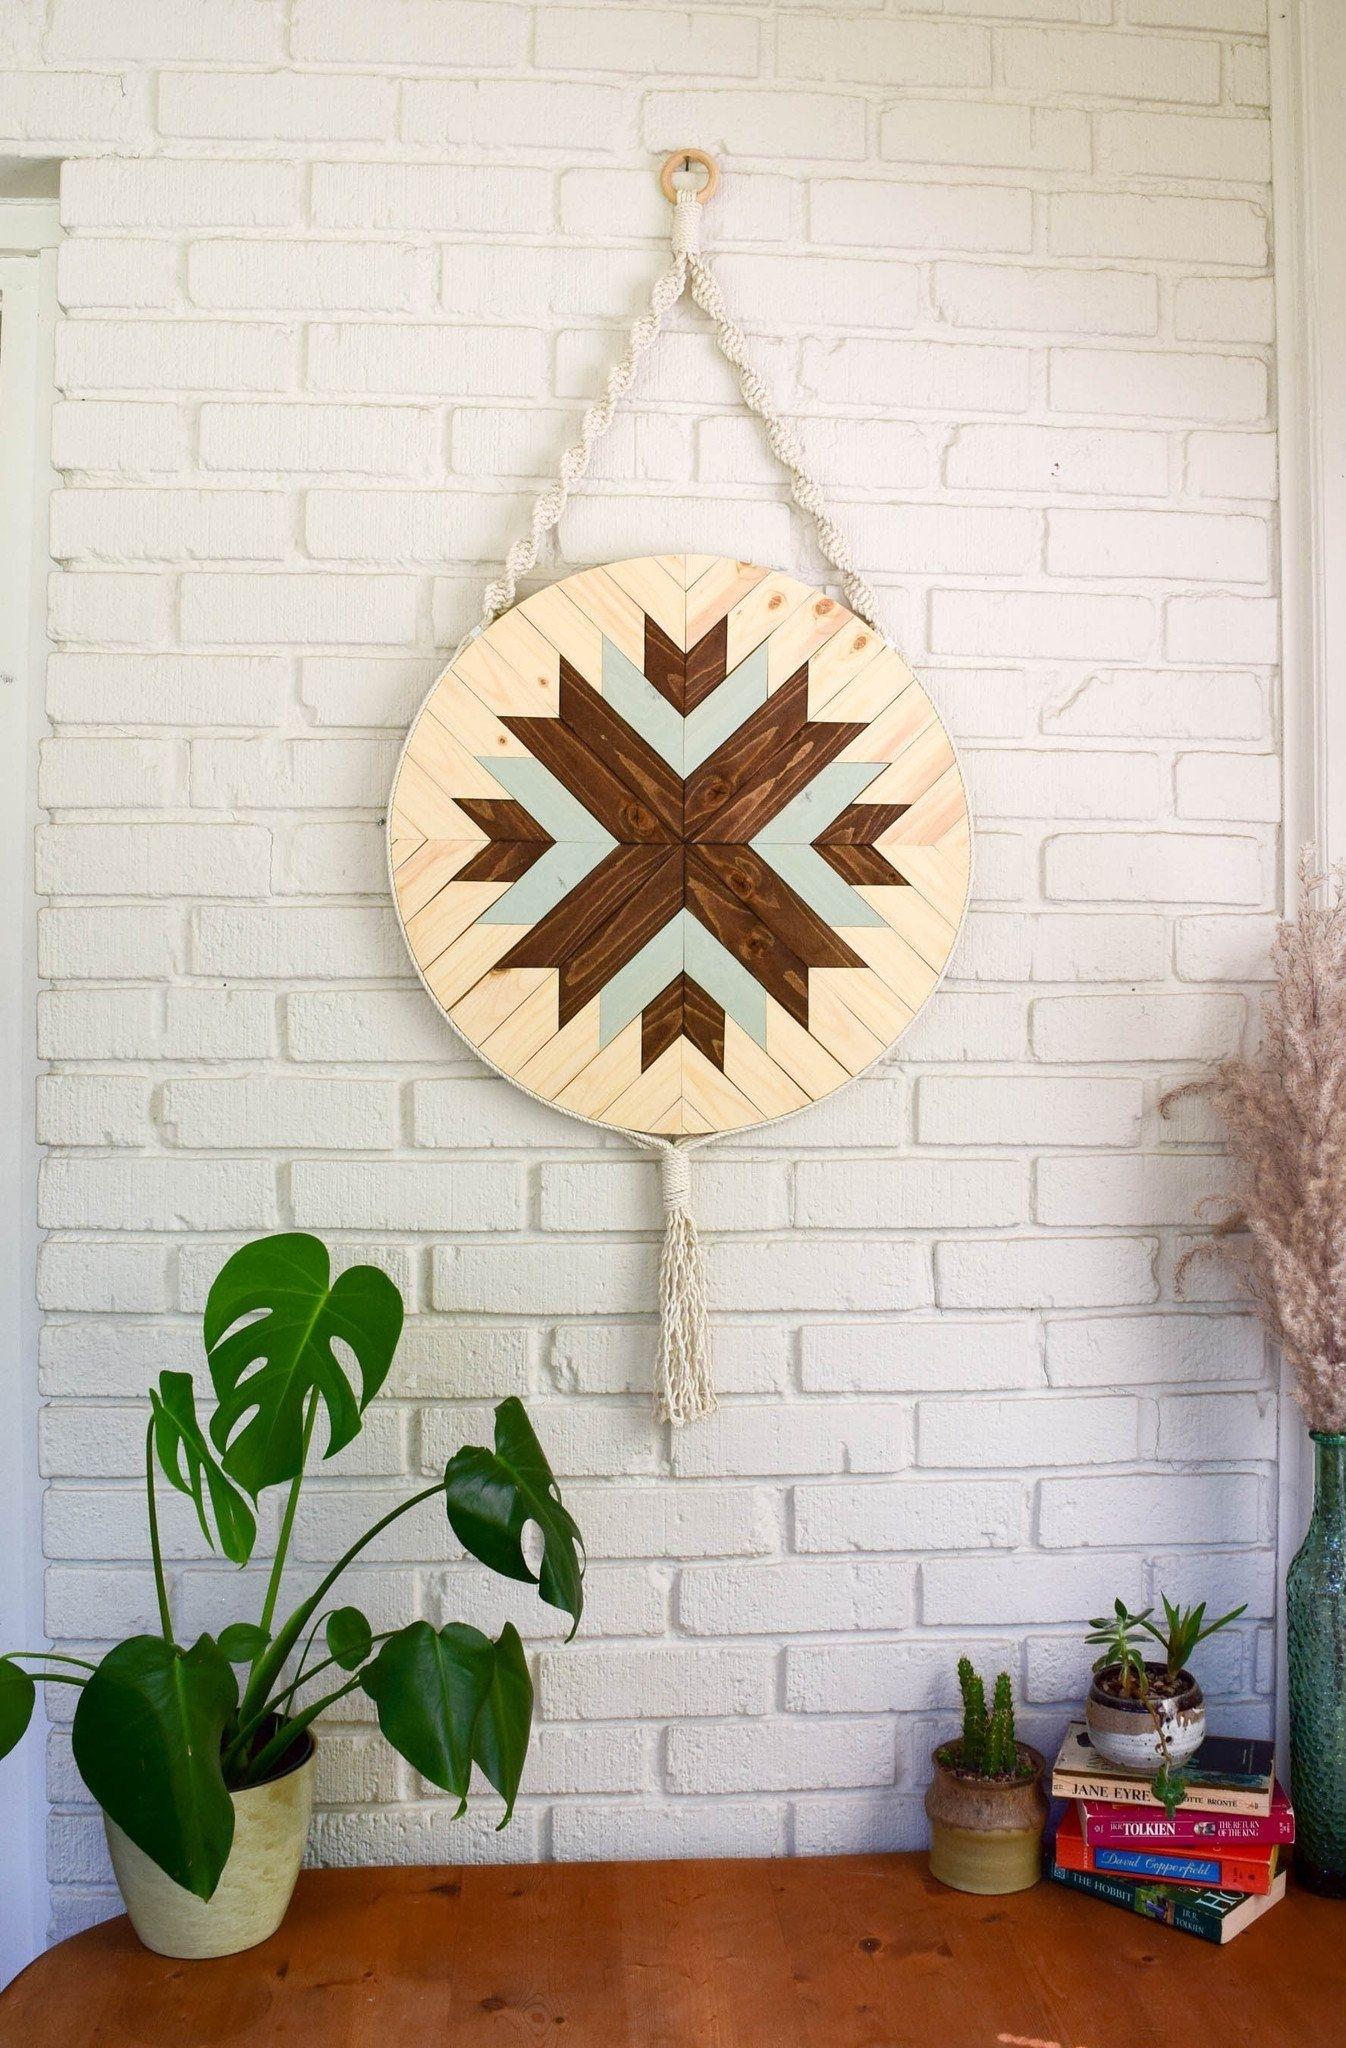 Labyrinth - Round Macrame Wood Wall Art Hanging | Pinterest | Wood intended for 2018 Round Wood Wall Art